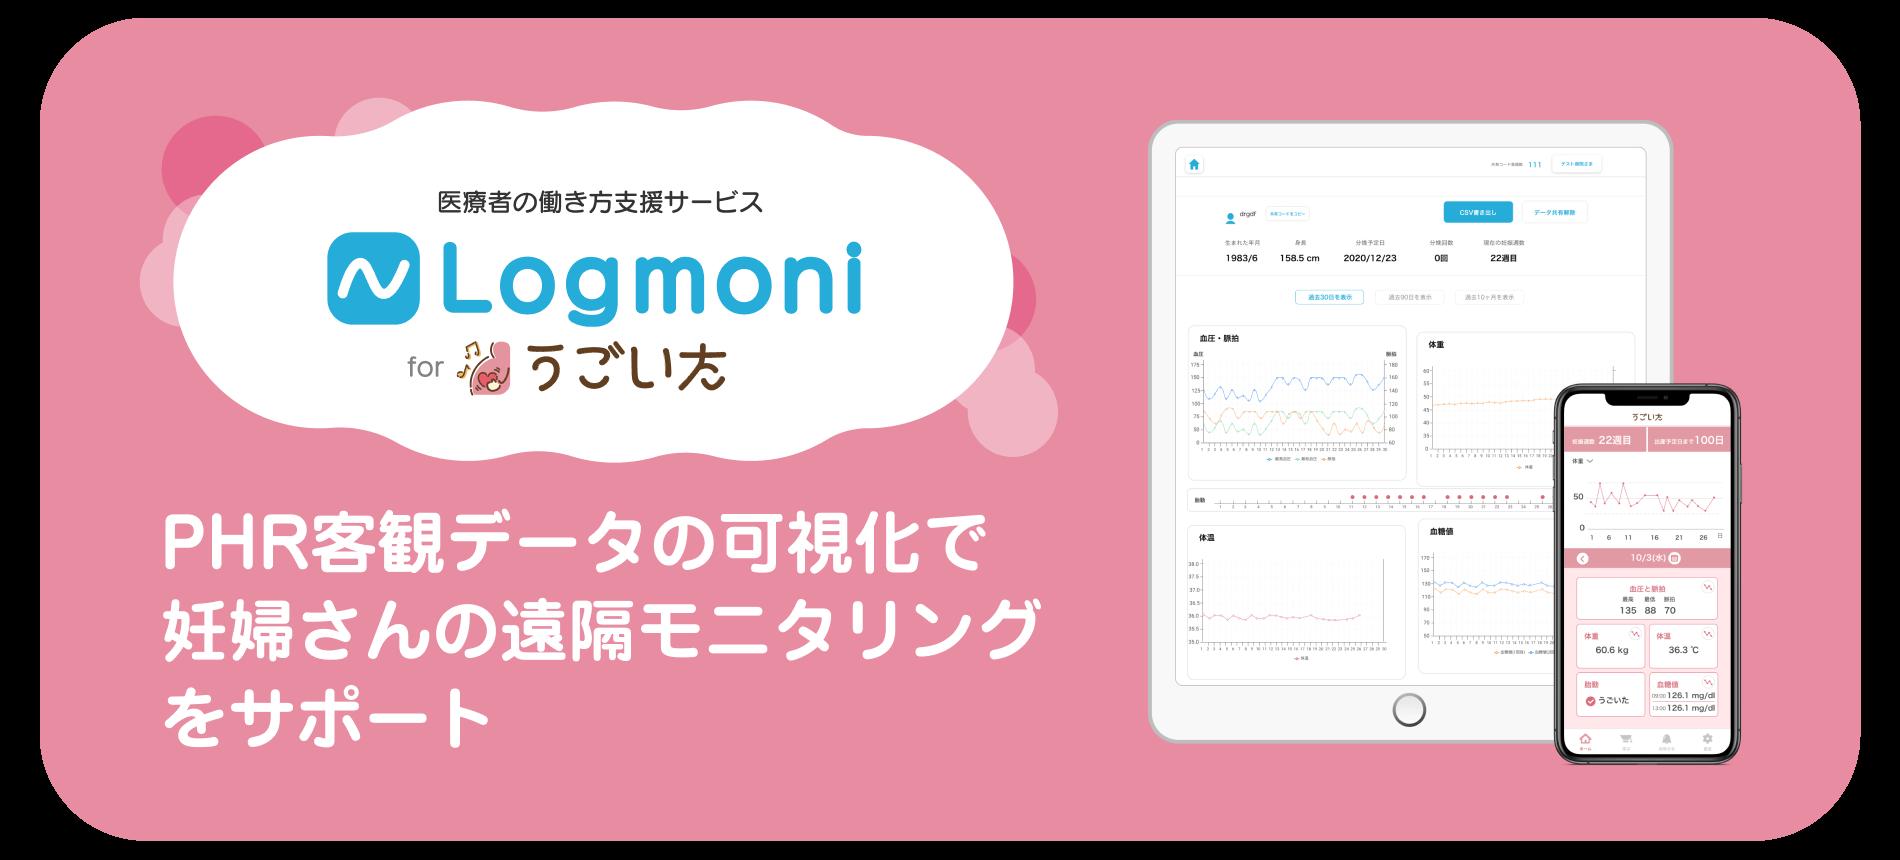 Logmoni for うごいた:PHRデータの可視化で妊婦さんの遠隔モニタリングをサポート